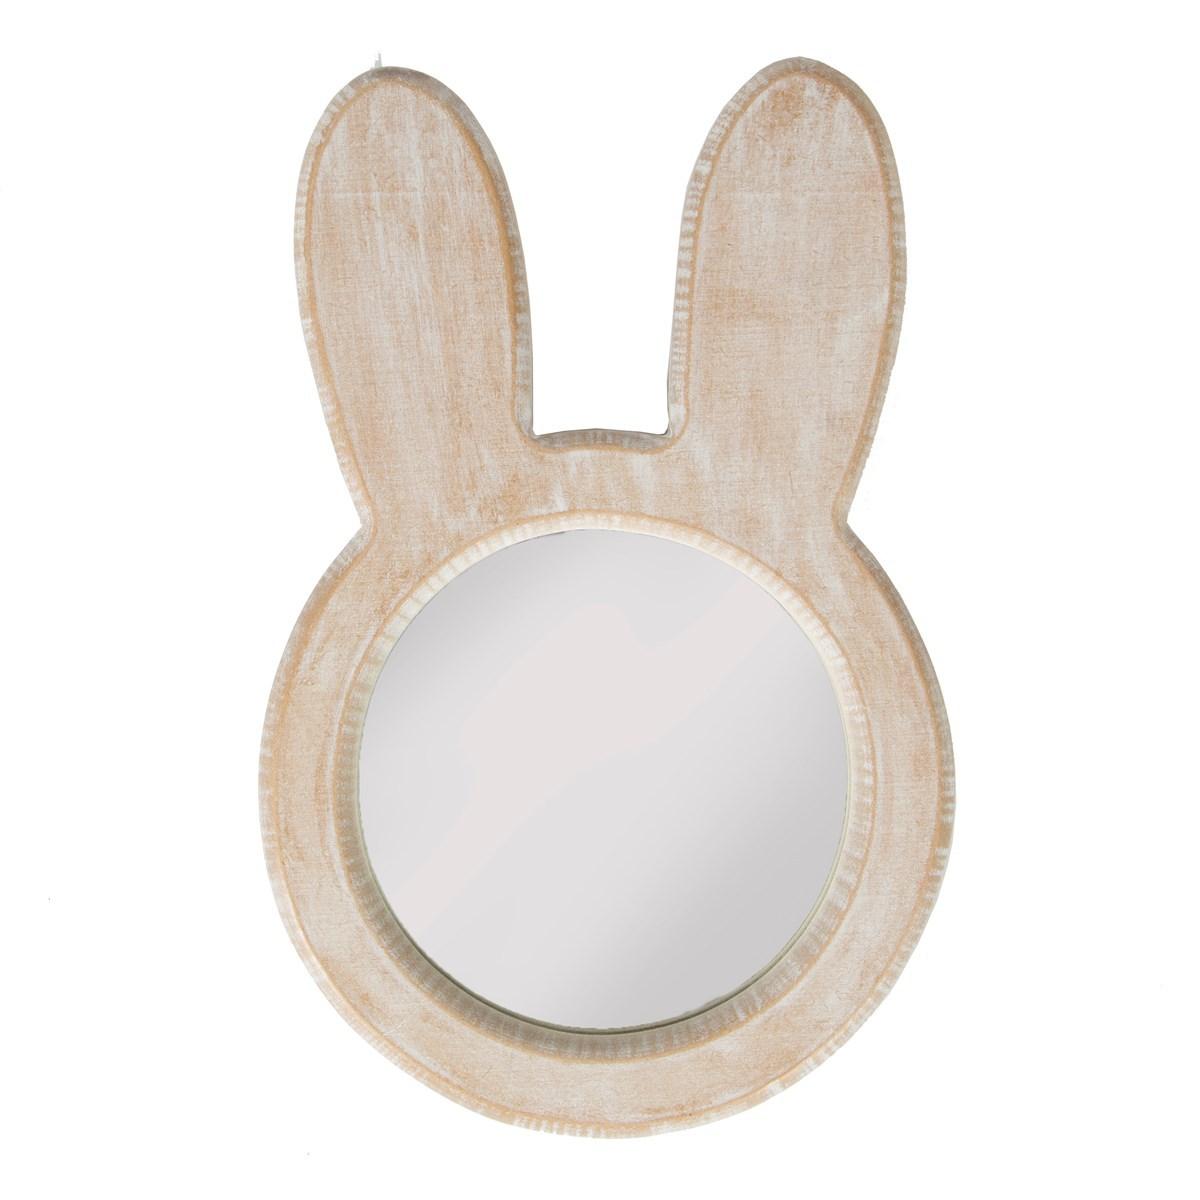 Sass belle miroir lapin bois miroir sass belle sur l for Si belle en ce miroir